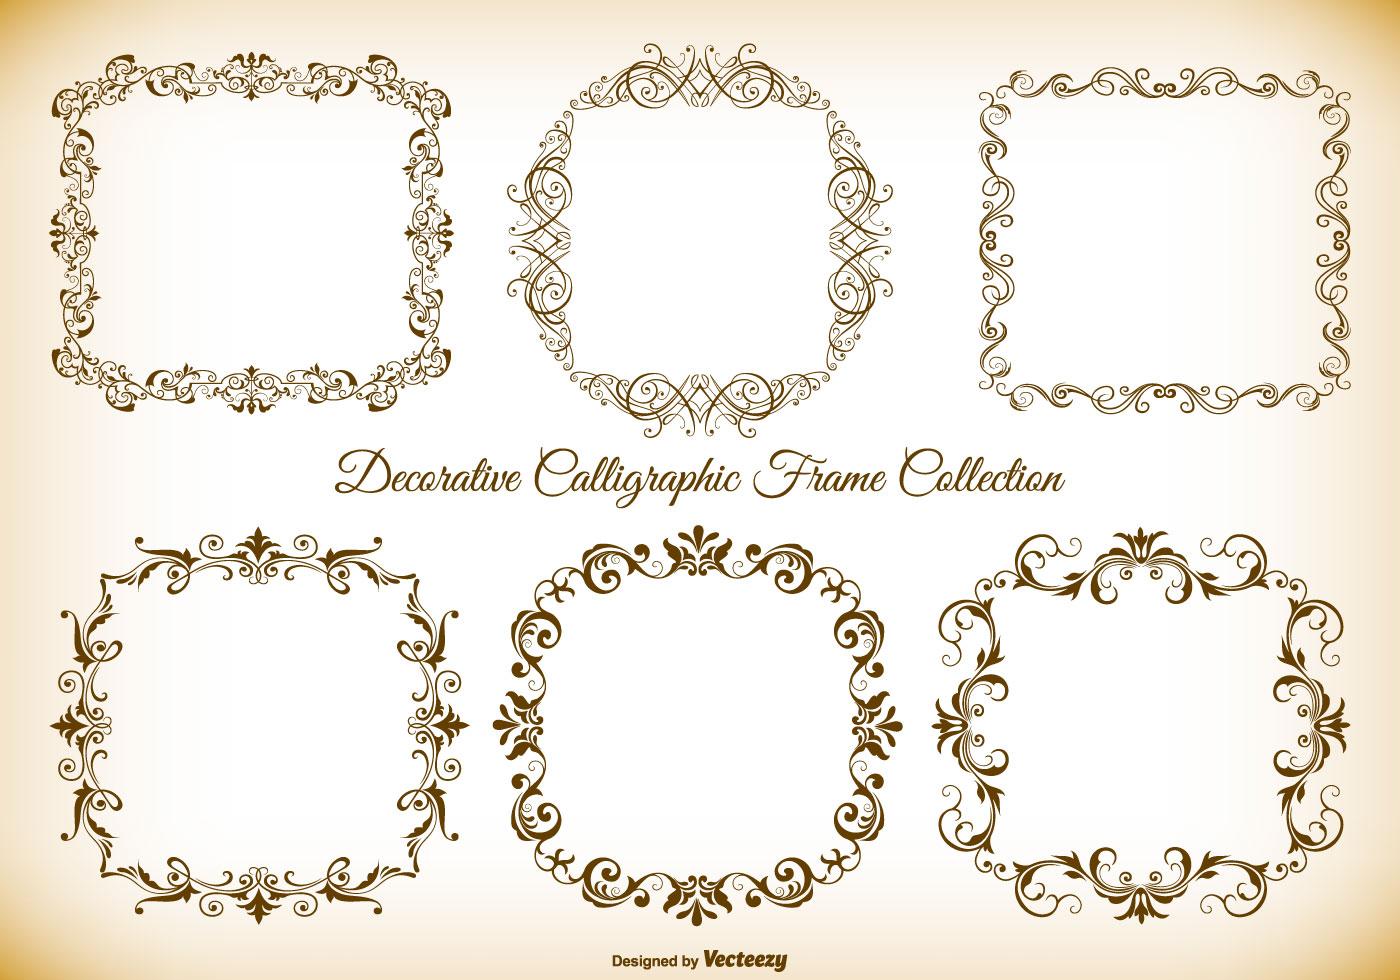 Calligraphic style frame brushes free photoshop